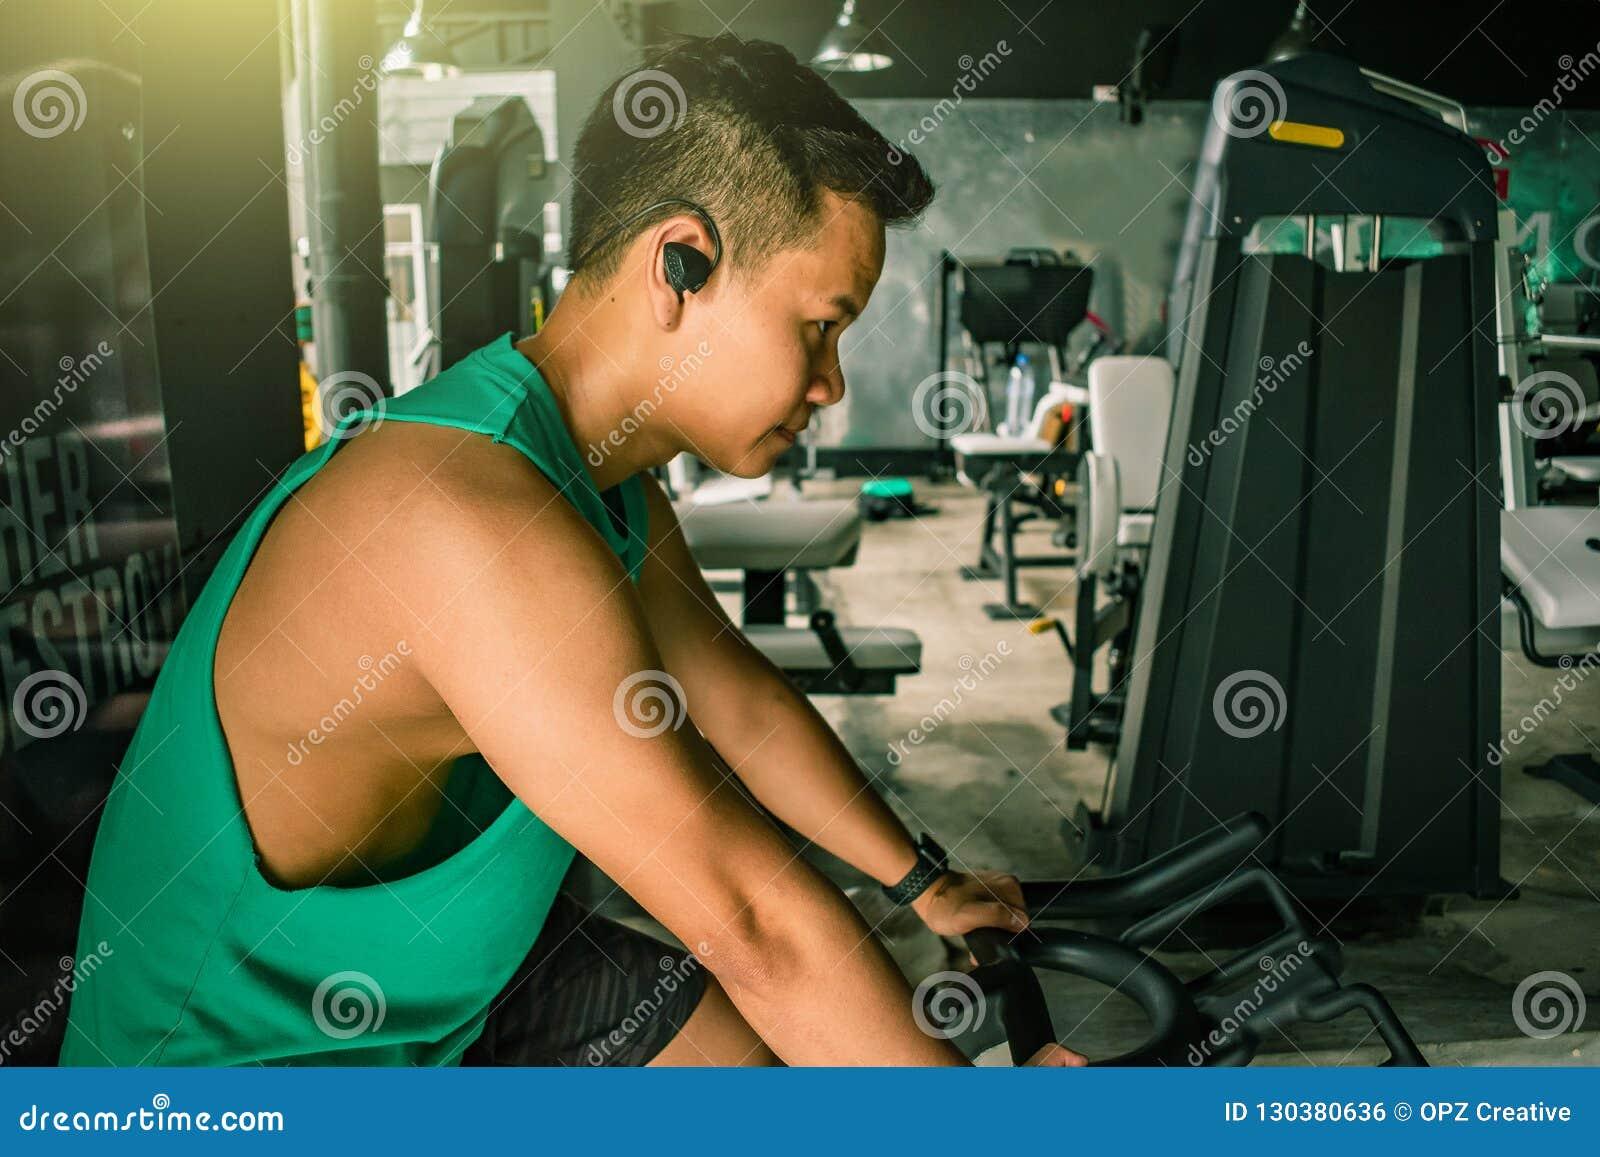 Asiatischer Mann Bodybuilder mit Fahrradmaschine belastet Energie handsom